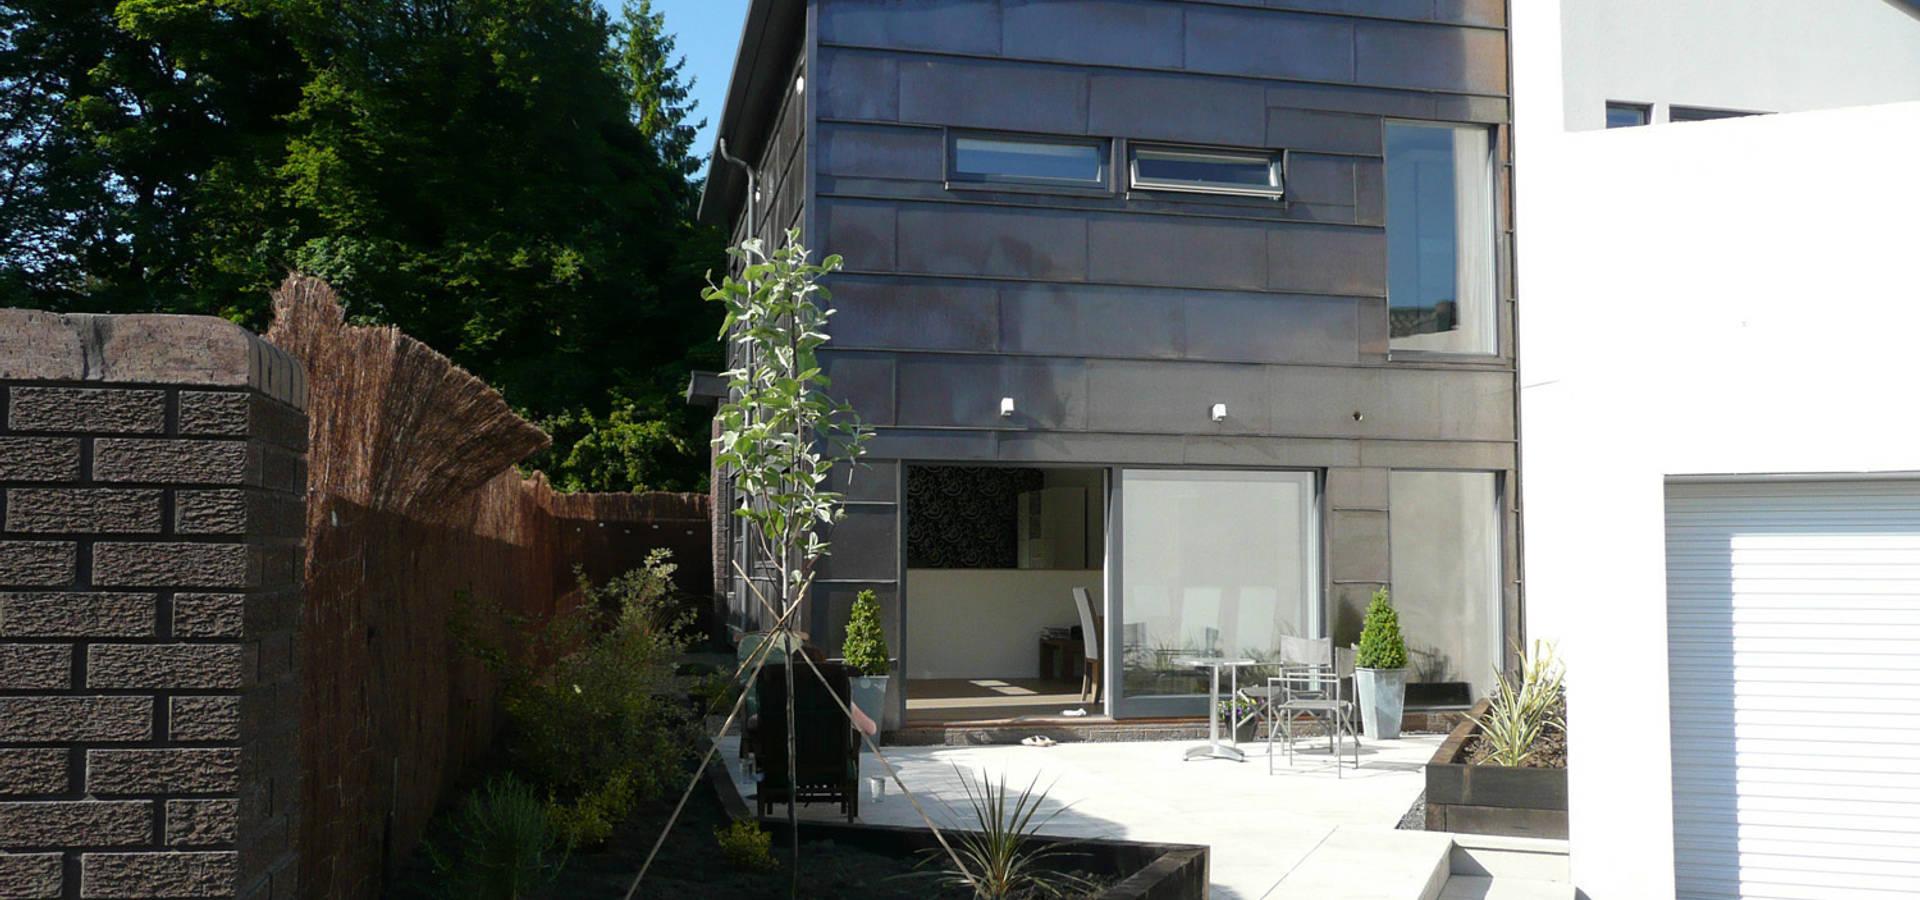 MWE Architects